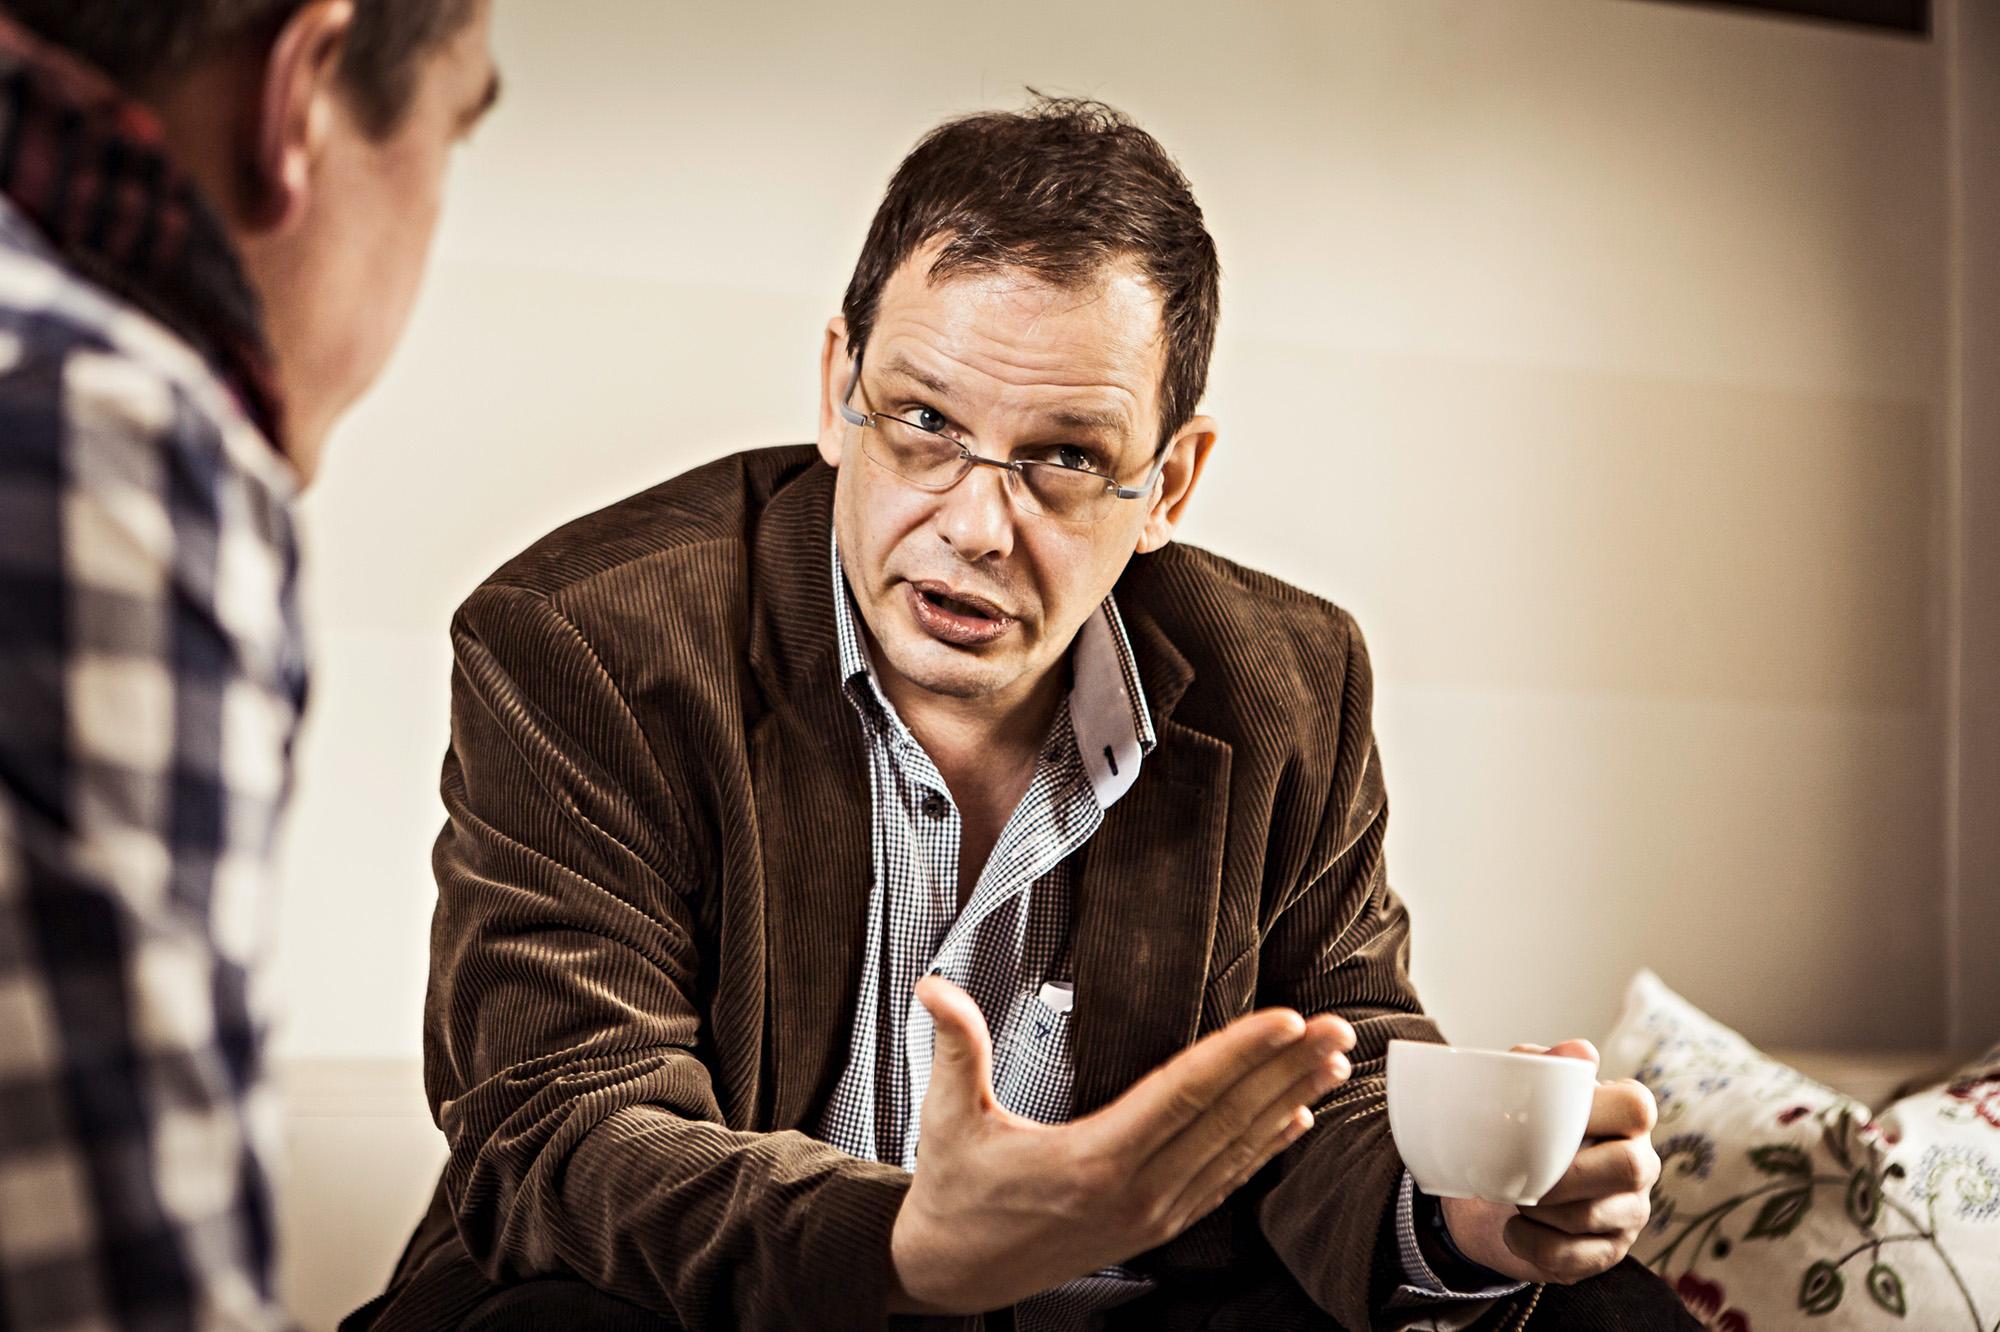 ARD-Dopingexperte Hajo Seppelt im Interview mit Daniel Beck und Jens Vögele